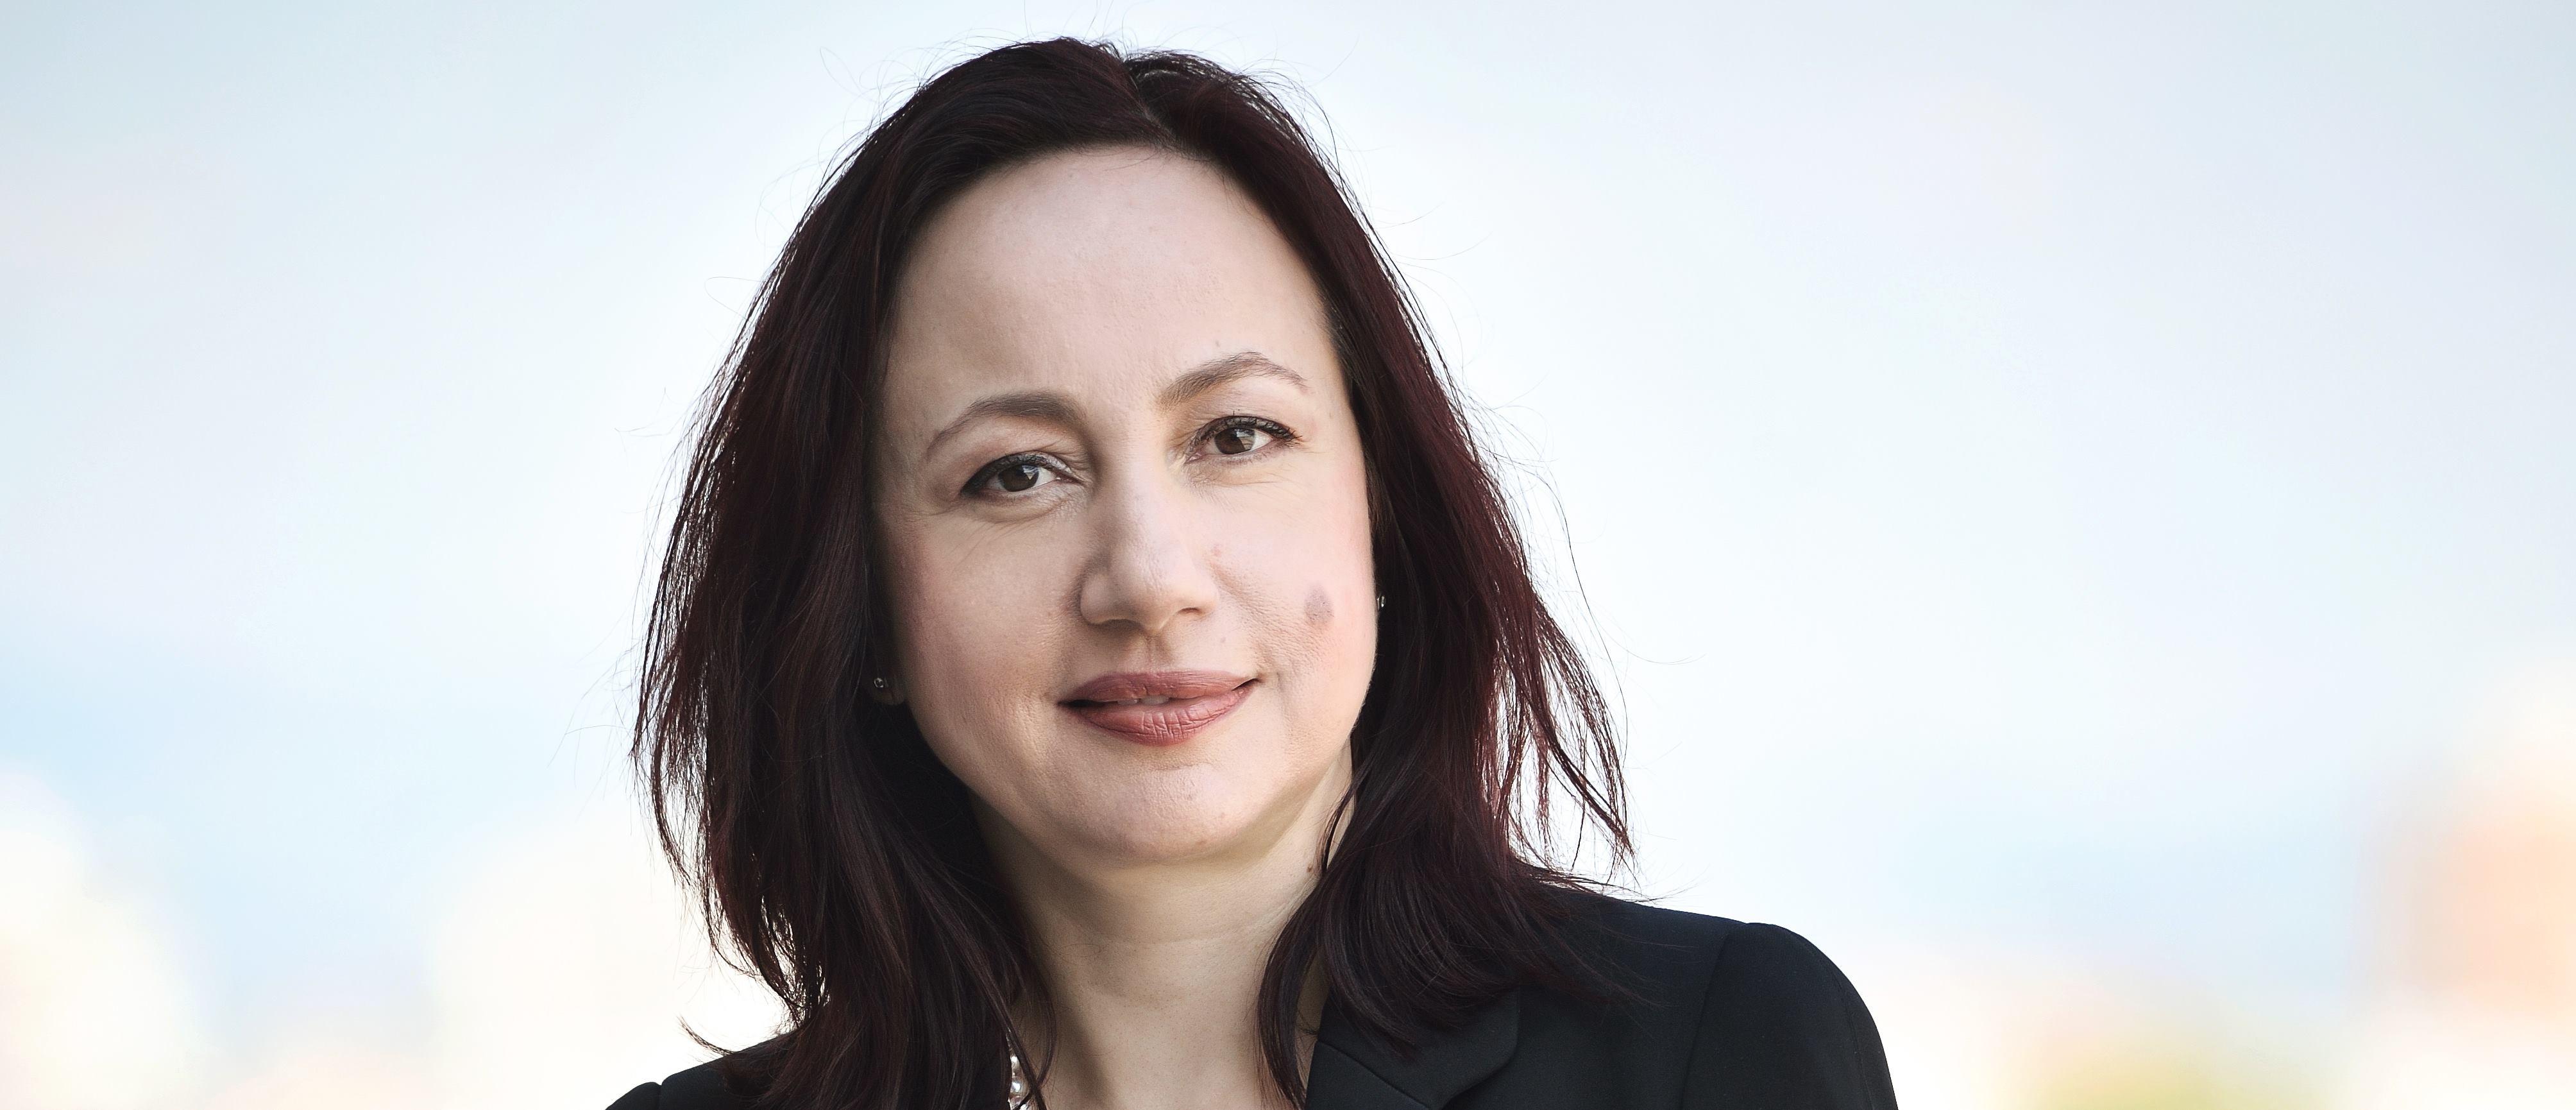 Lejla Zukić-Krivdić nova direktorica Microsoft Hrvatska i Bosna i Hercegovina